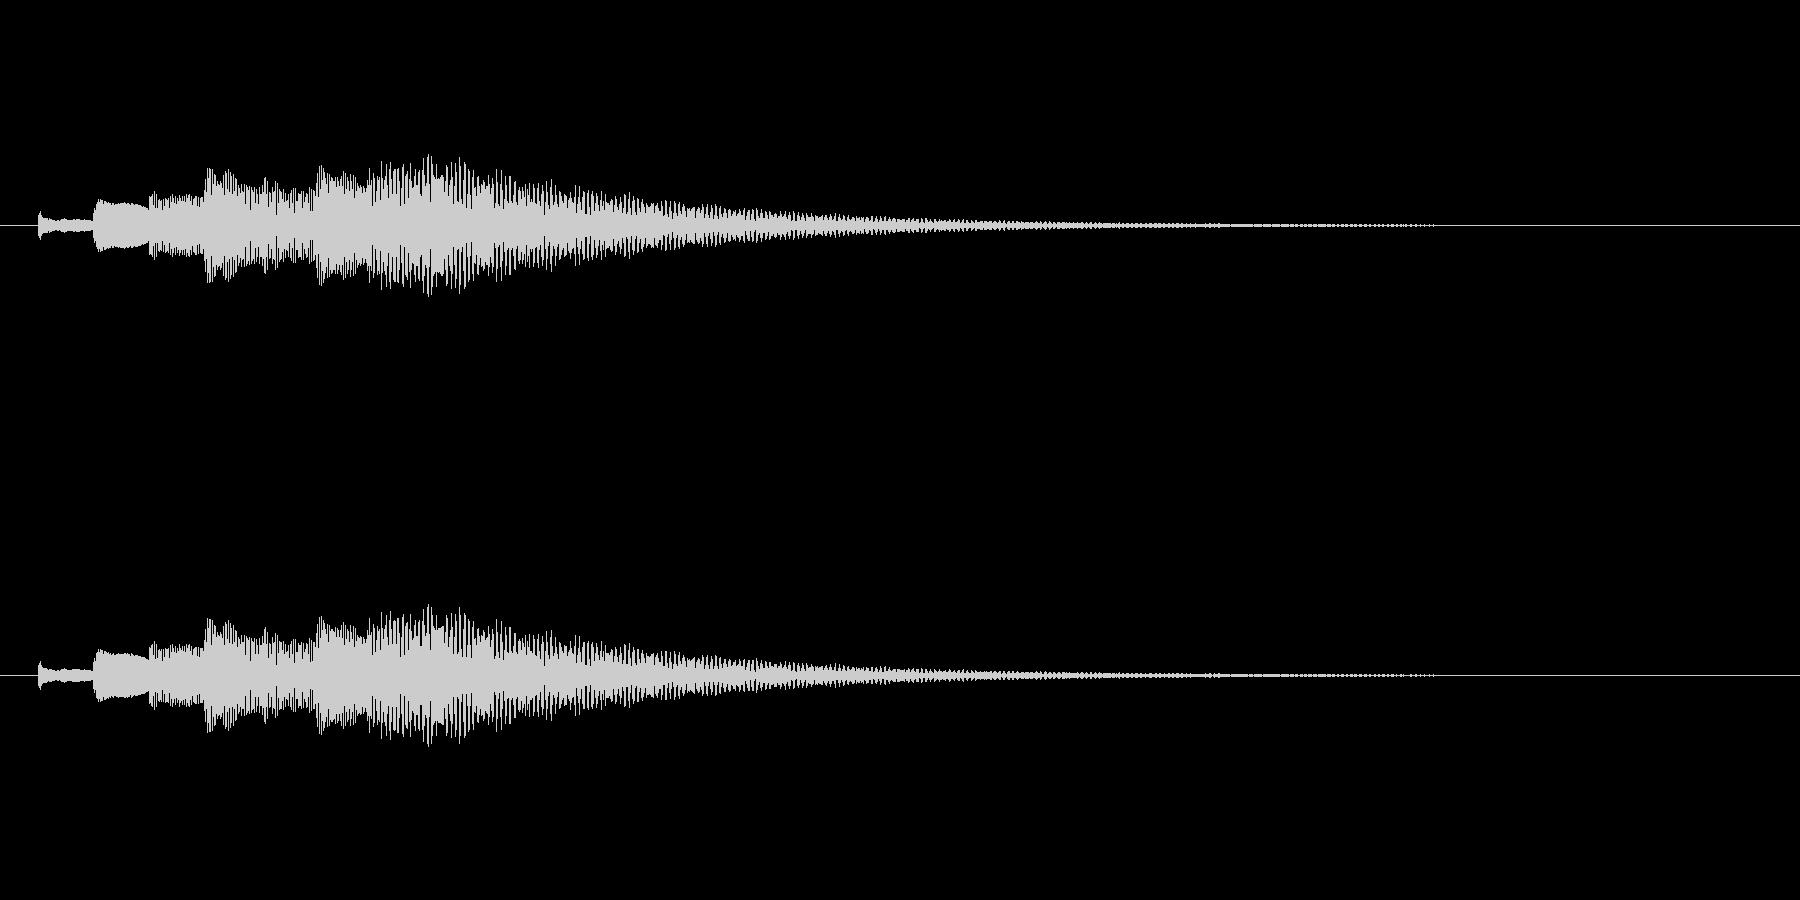 綺麗なチェレスタ下降音/キラキラキラ・・の未再生の波形